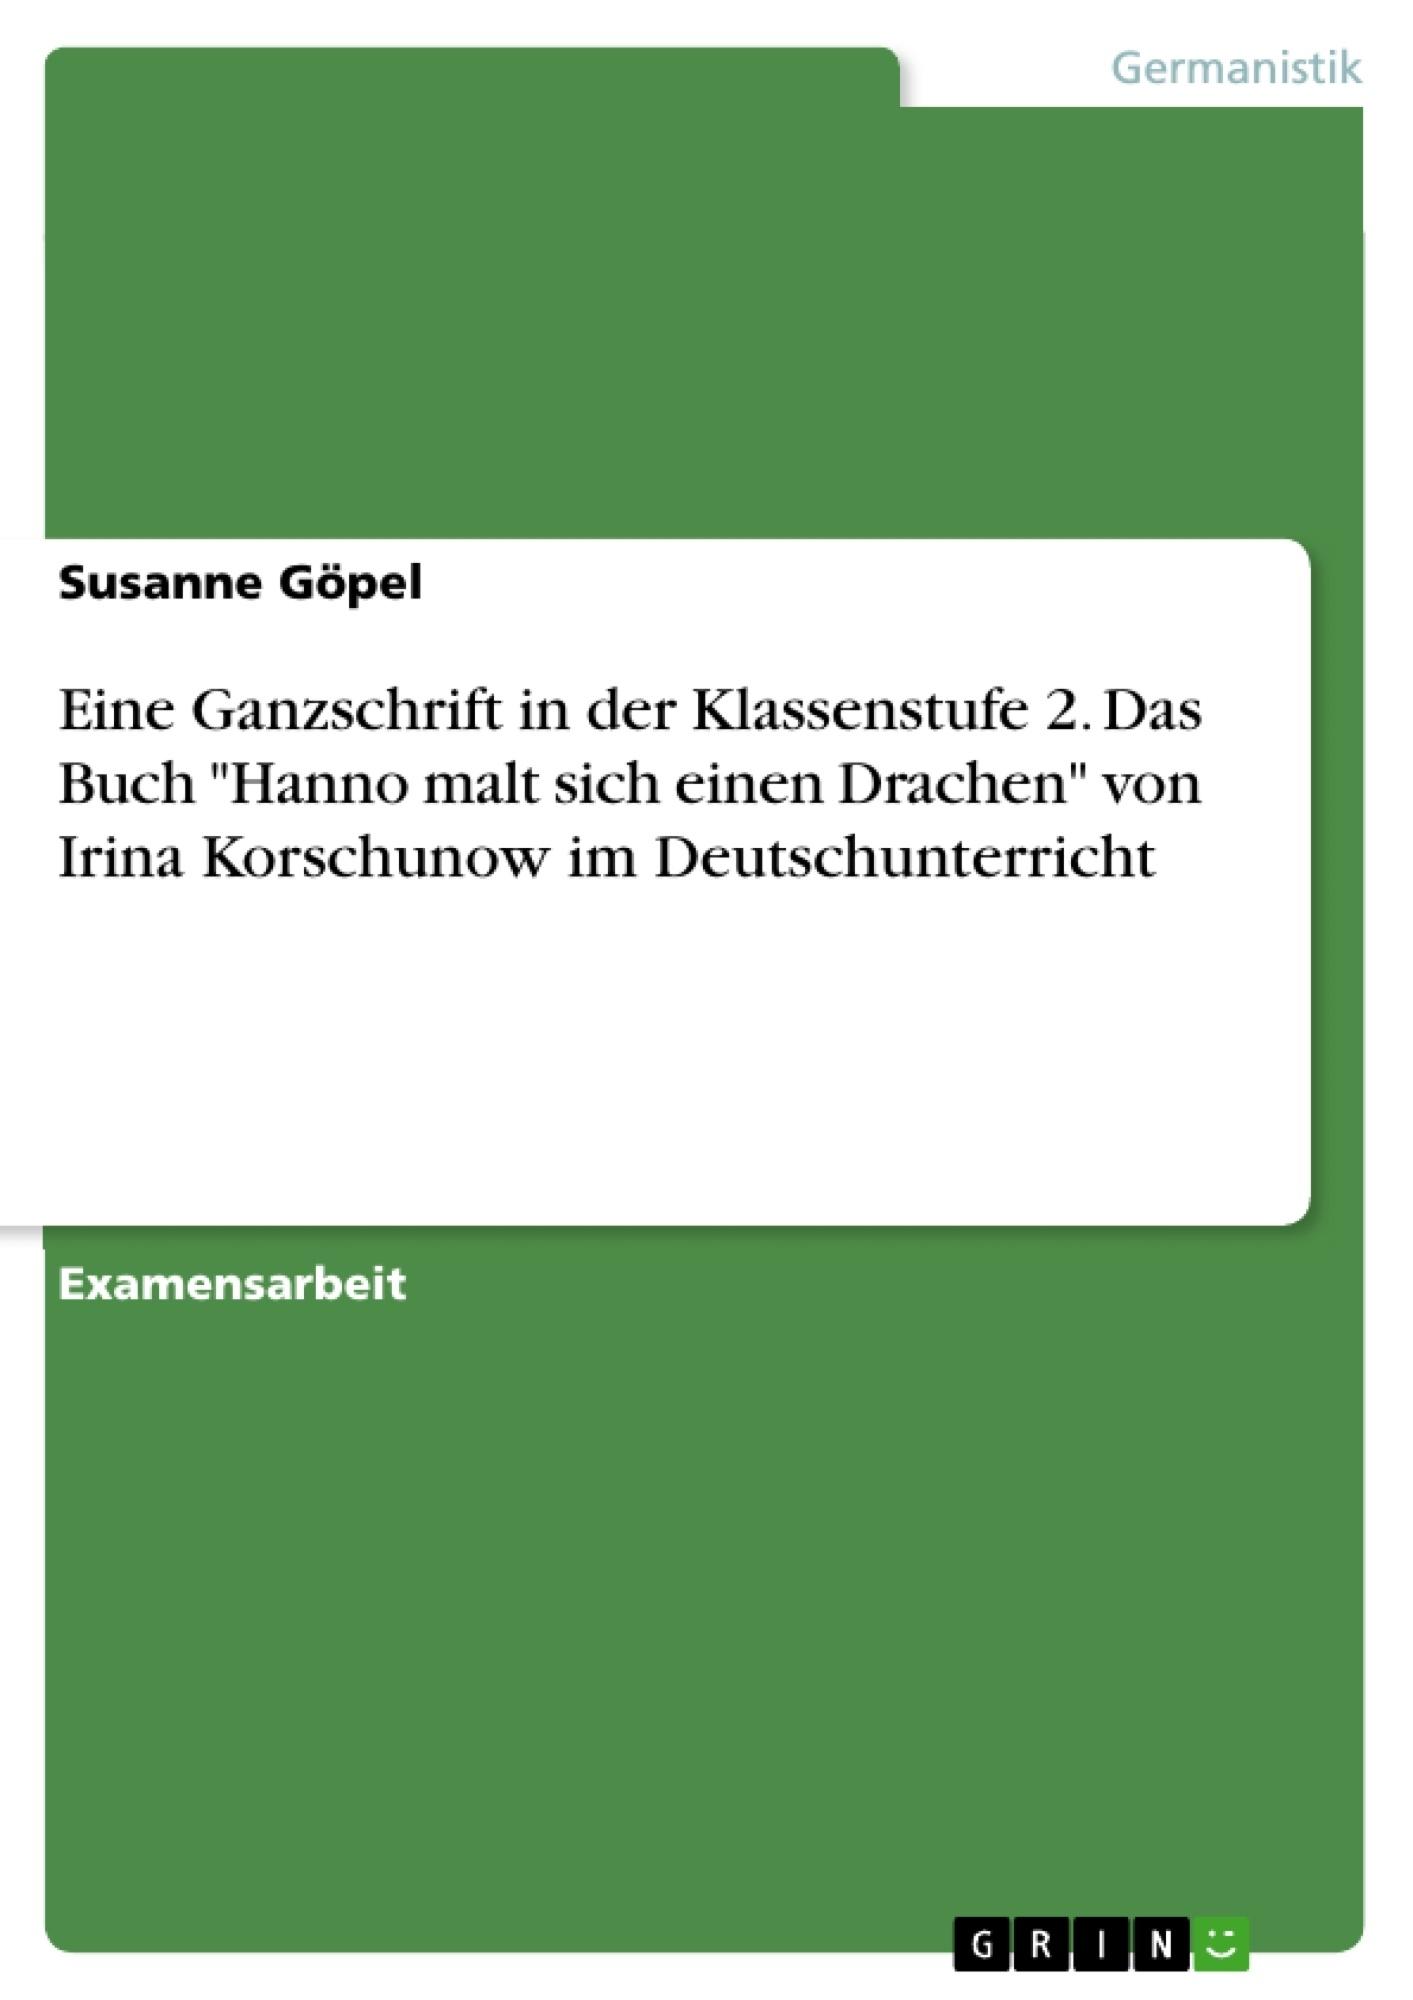 """Titel: Eine Ganzschrift in der Klassenstufe 2. Das Buch """"Hanno malt sich einen Drachen"""" von Irina Korschunow im Deutschunterricht"""